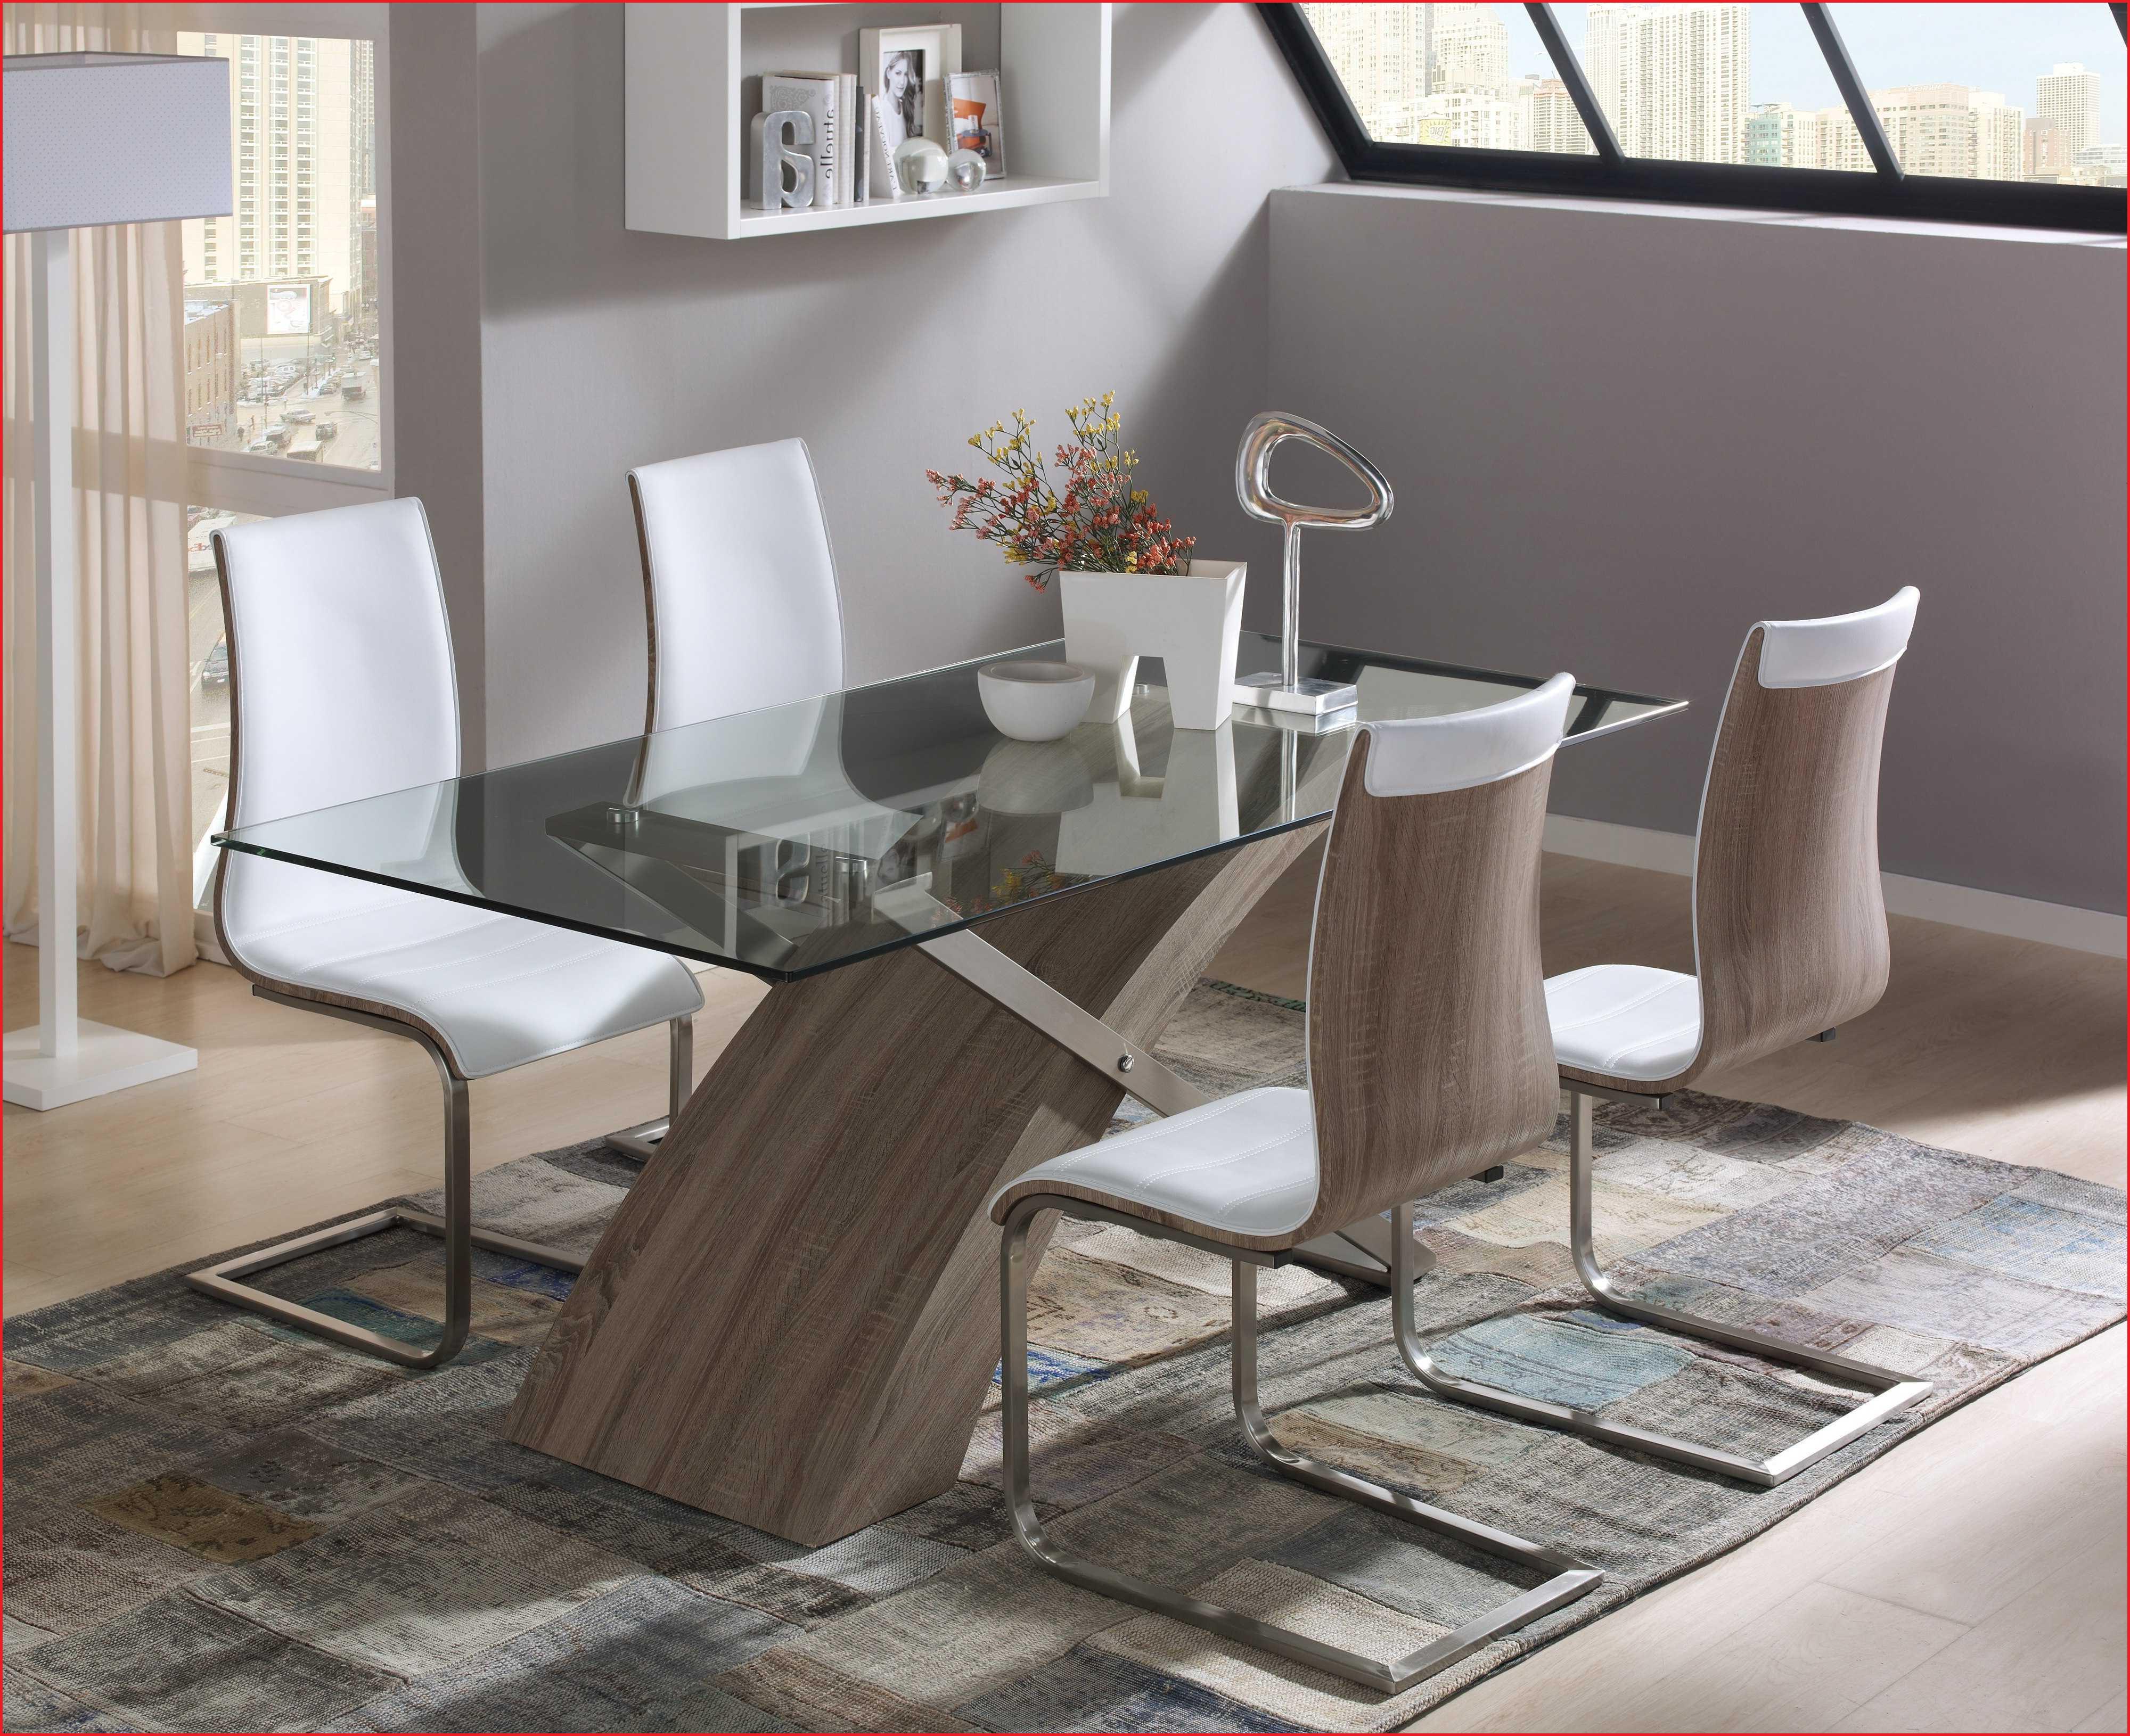 Adornos Para Poner Encima De Una Mesa De Salon 4pde Decoracion Mesas De Salon Mesas Edor Muebles Ideas Decoracion